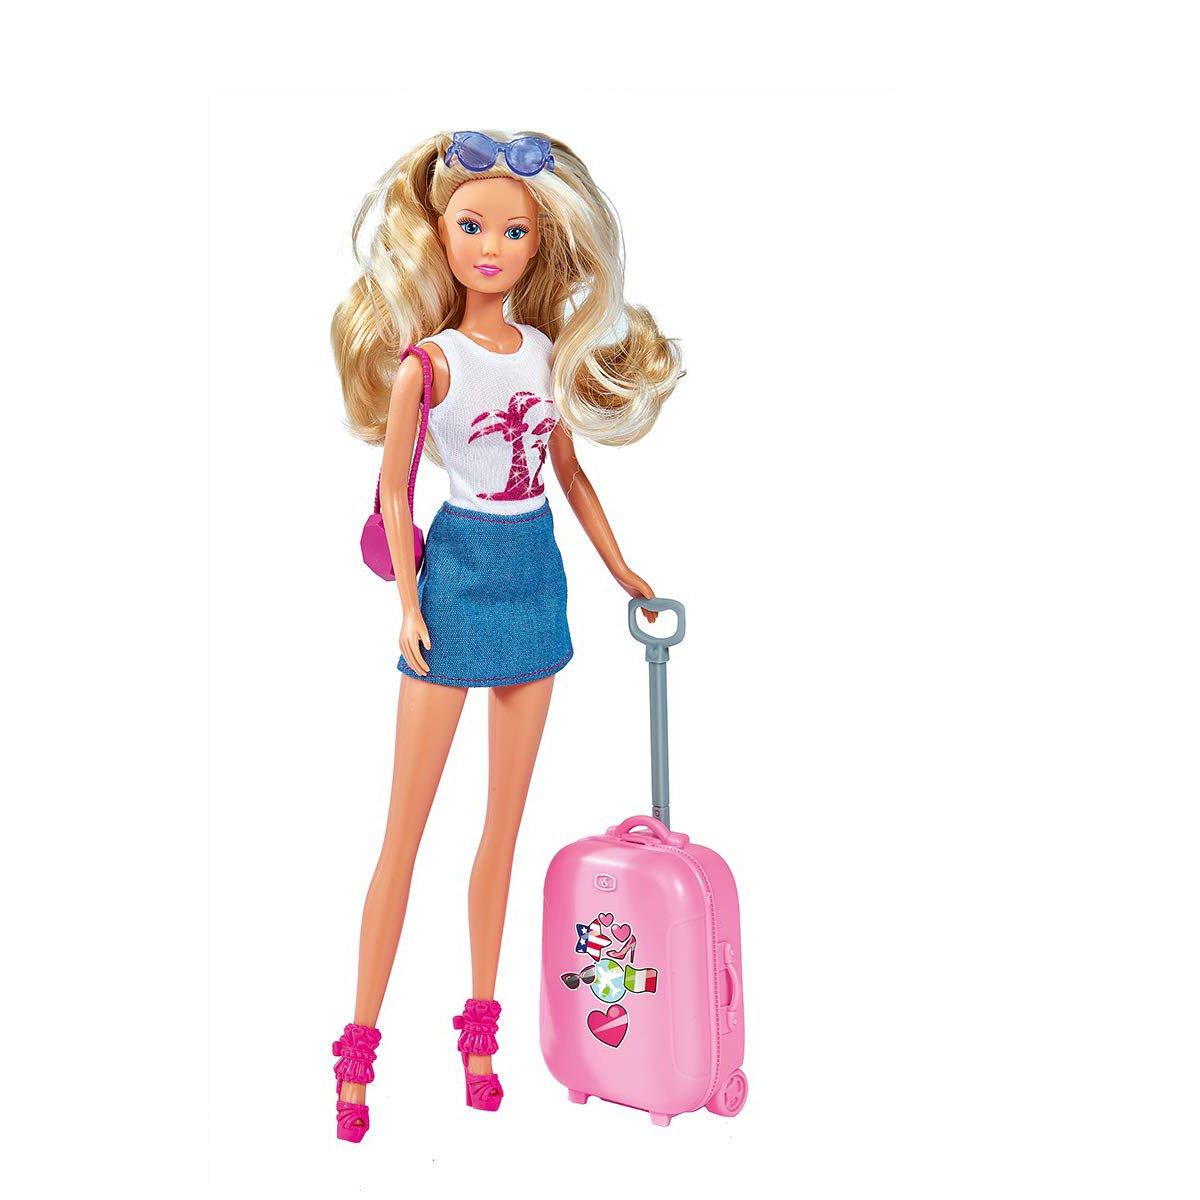 Papusa Steffi Love cu accesorii de vacanta, Travel Fun